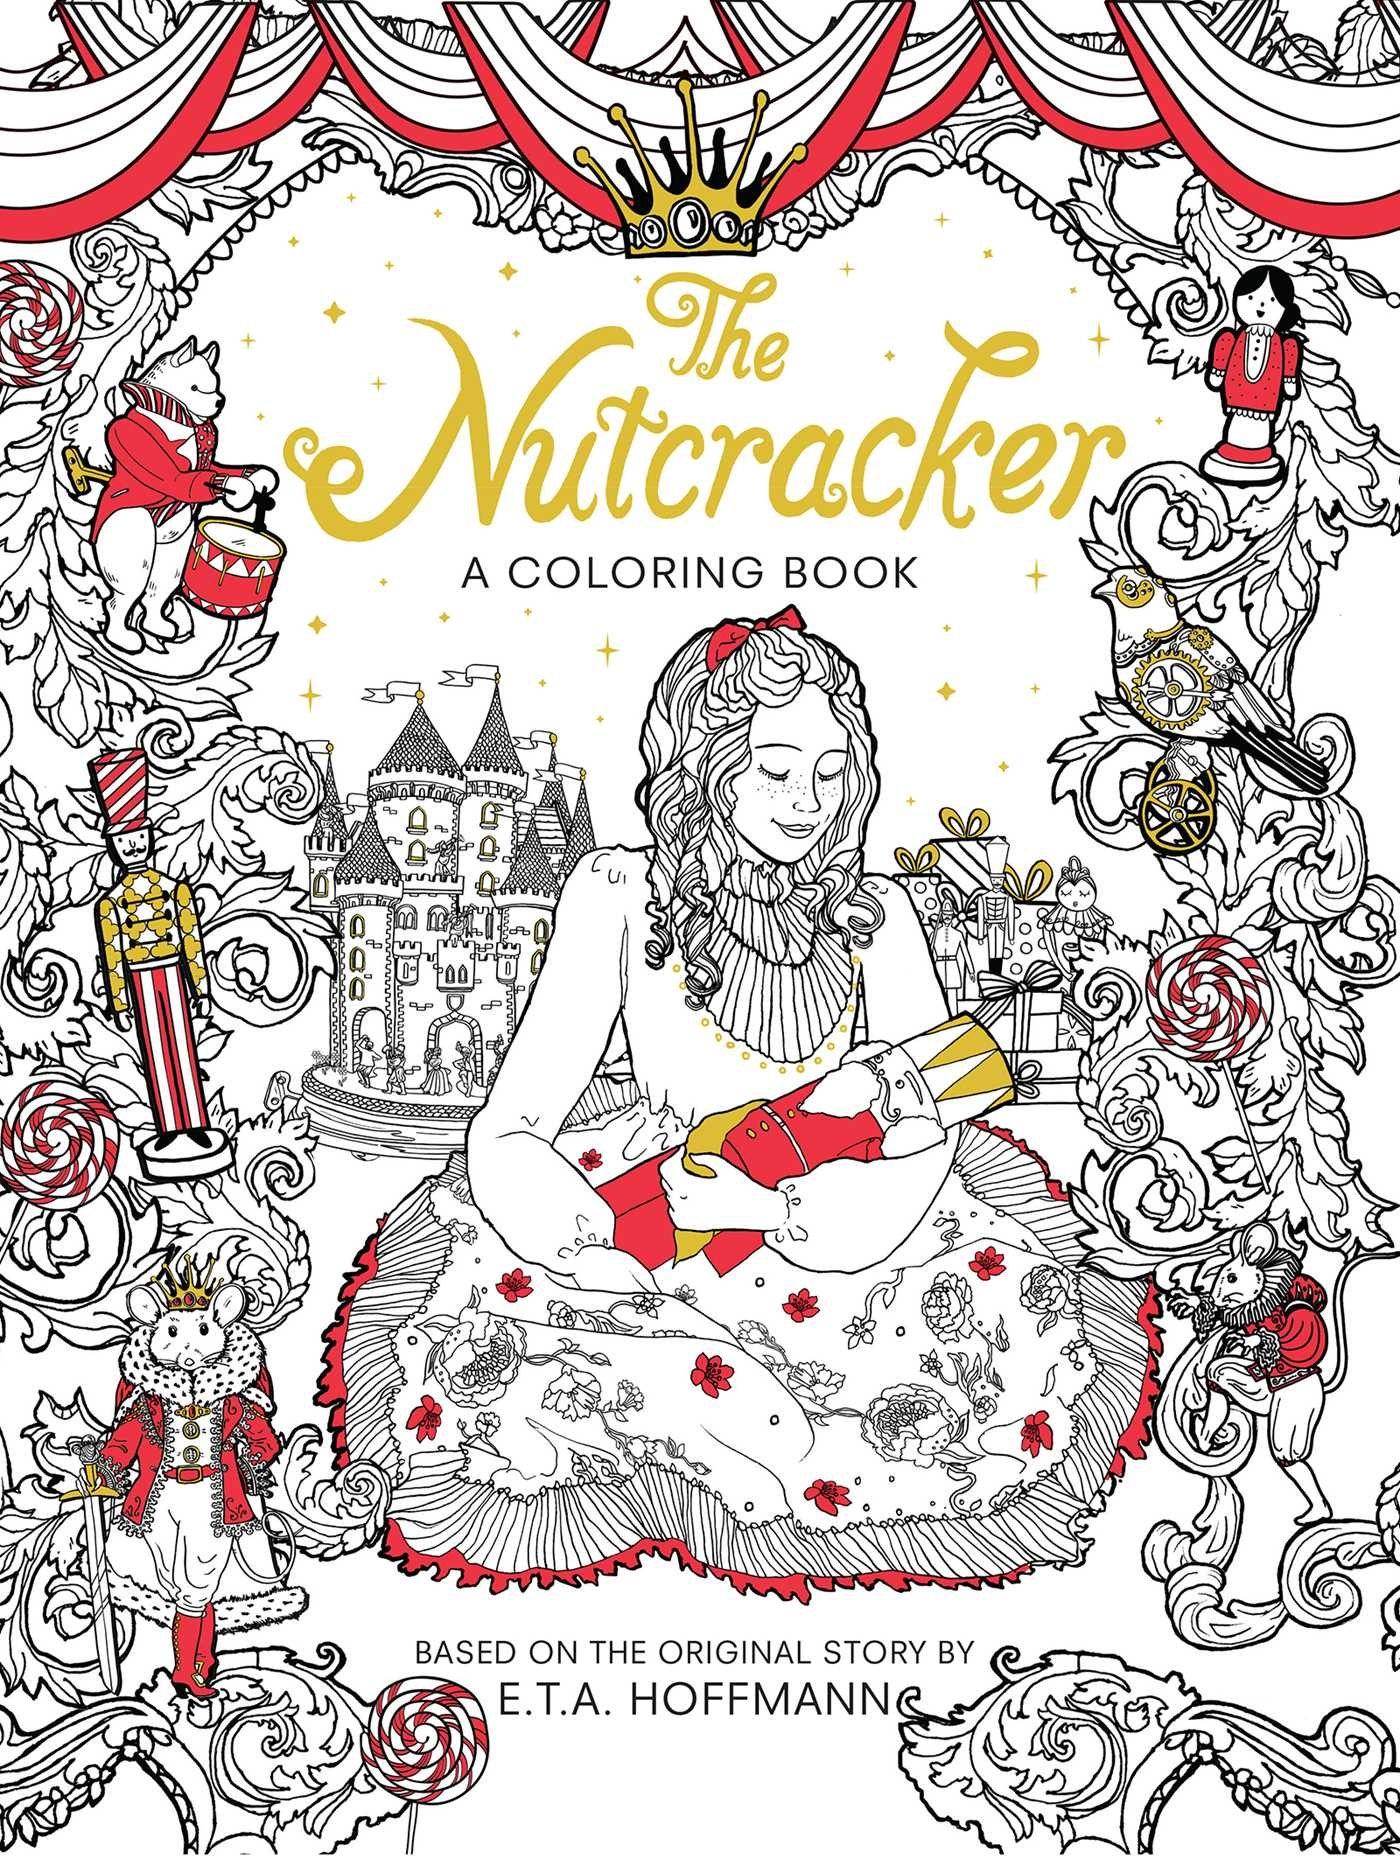 Nutcracker: A Coloring Book (Classic Coloring Book): Alexandre Dumas, E. T.  A. Hoffmann: 9781684123810: Amazon.com: Books